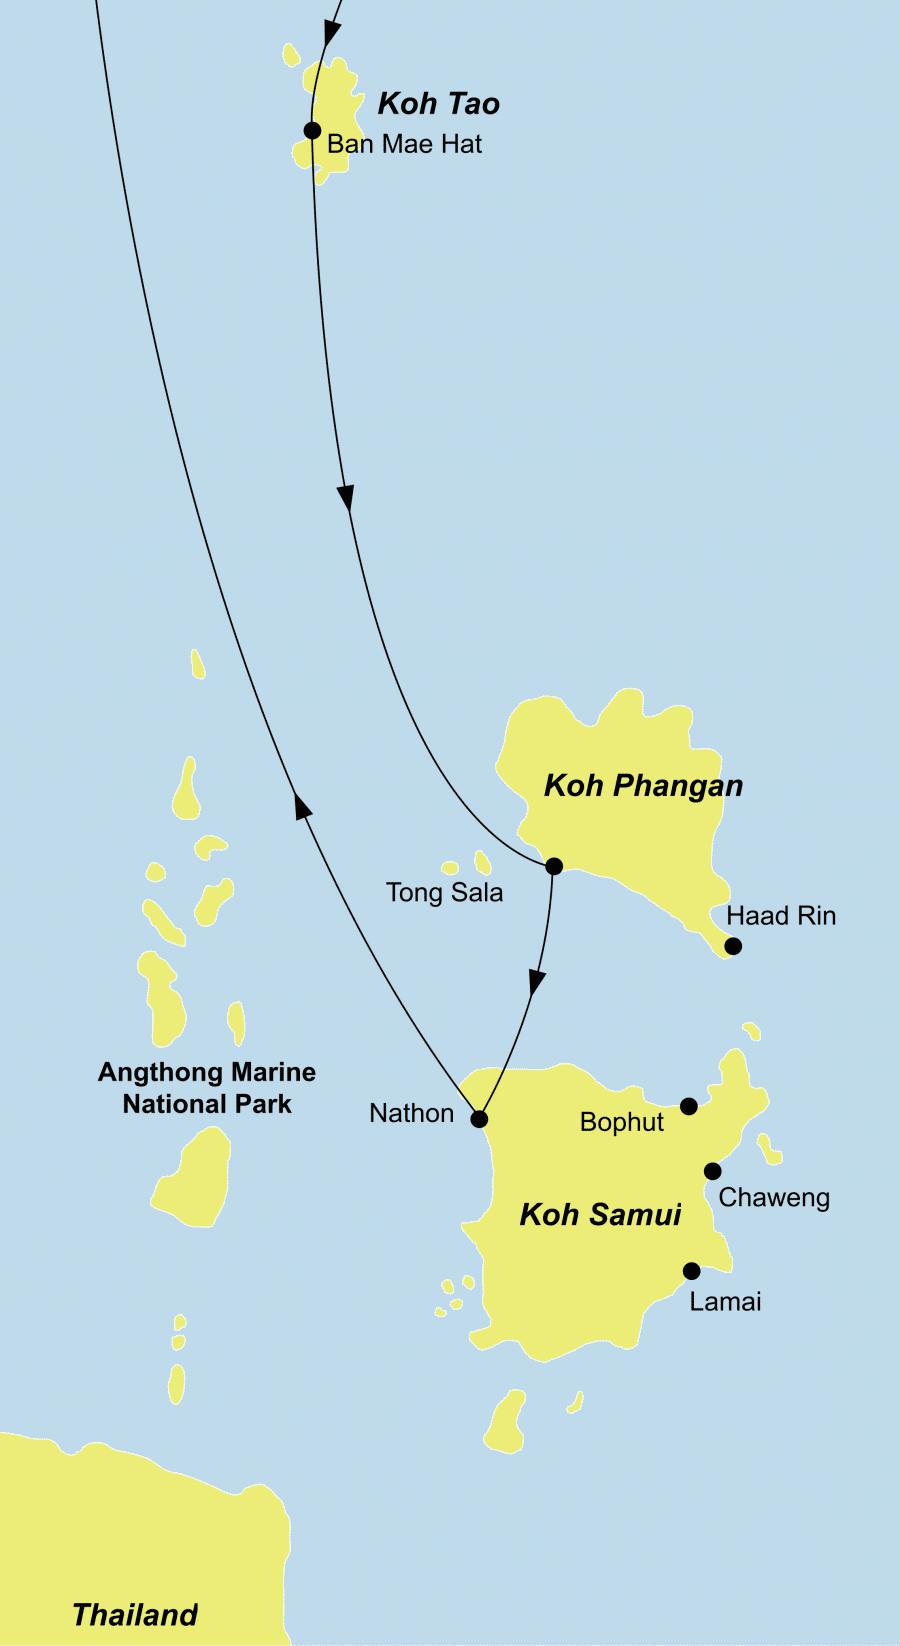 Der Reiseverlauf zu unerer Thailand Reise führt von Bangkok über Koh Tao – Koh Phangan nach Koh Samui